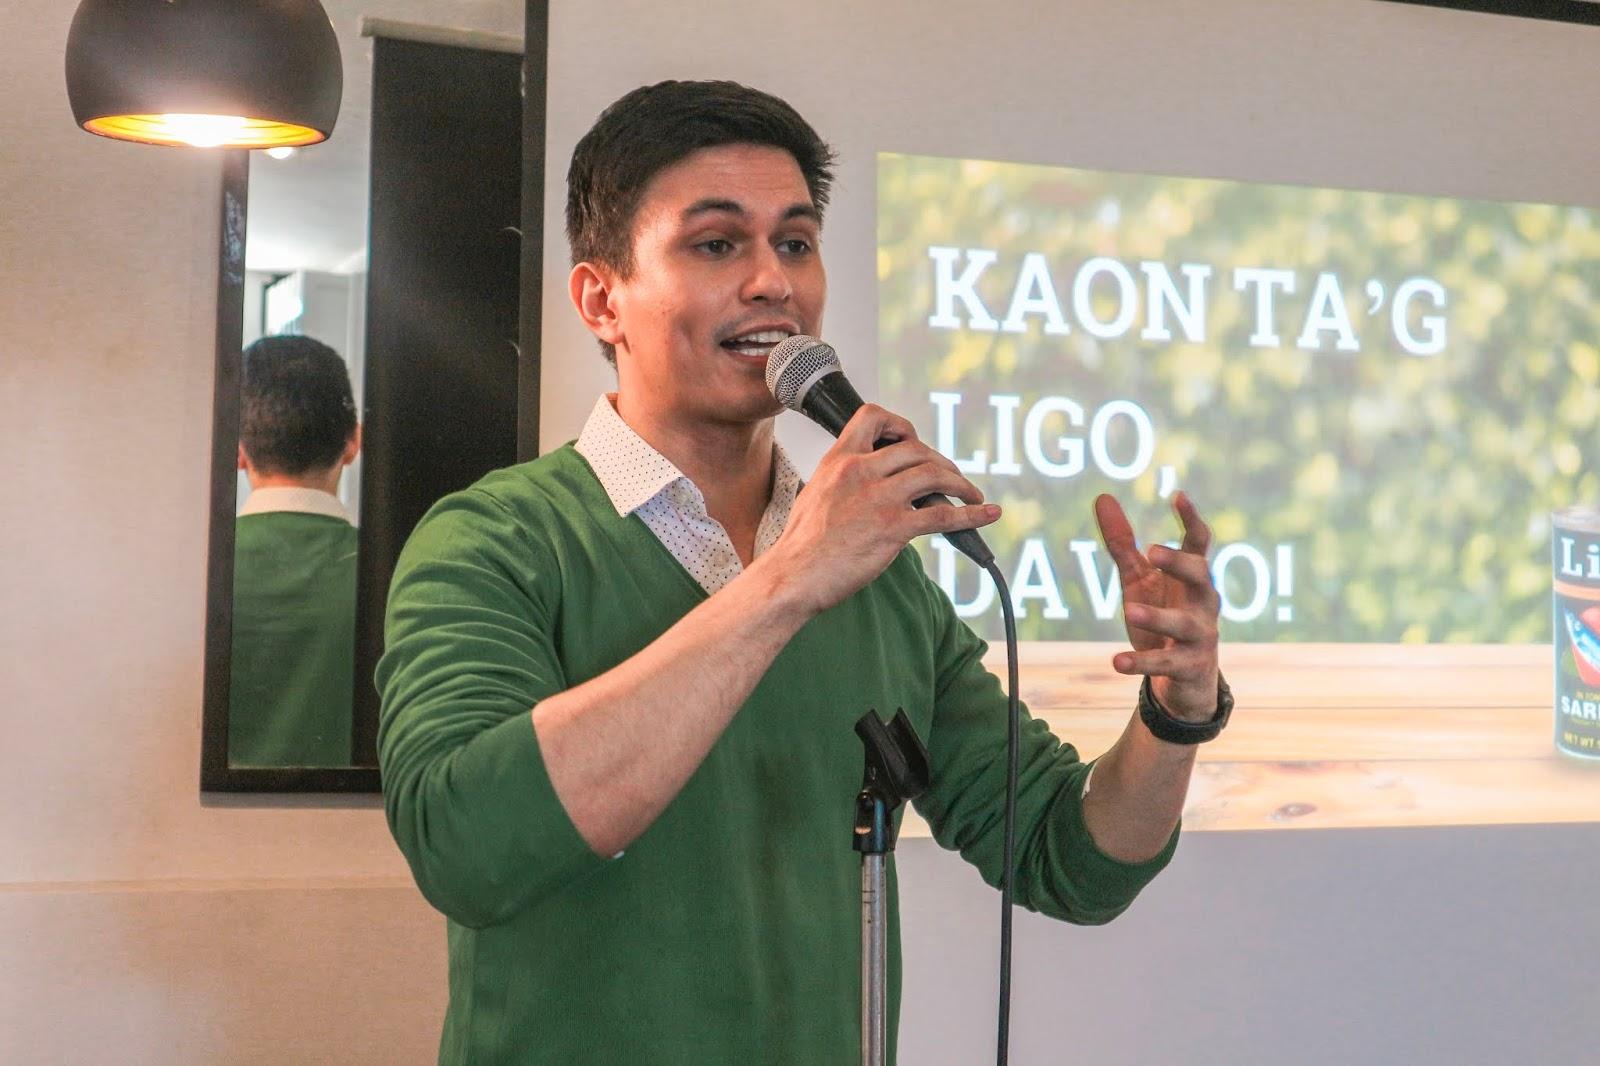 Ligo Ambassador Tom Rodriguez